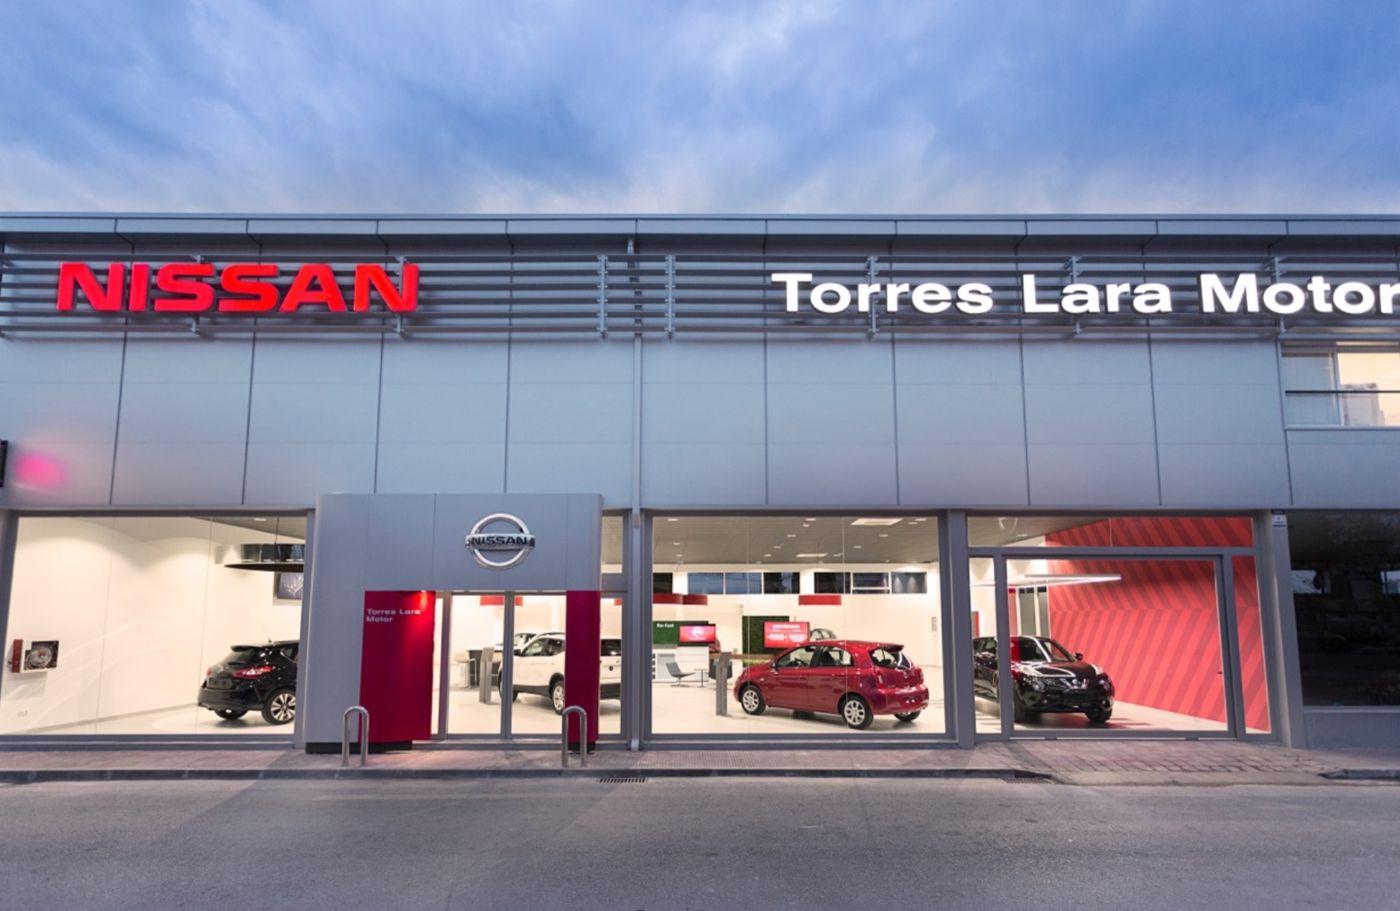 TORRES LARA MOTOR NISSAN 6